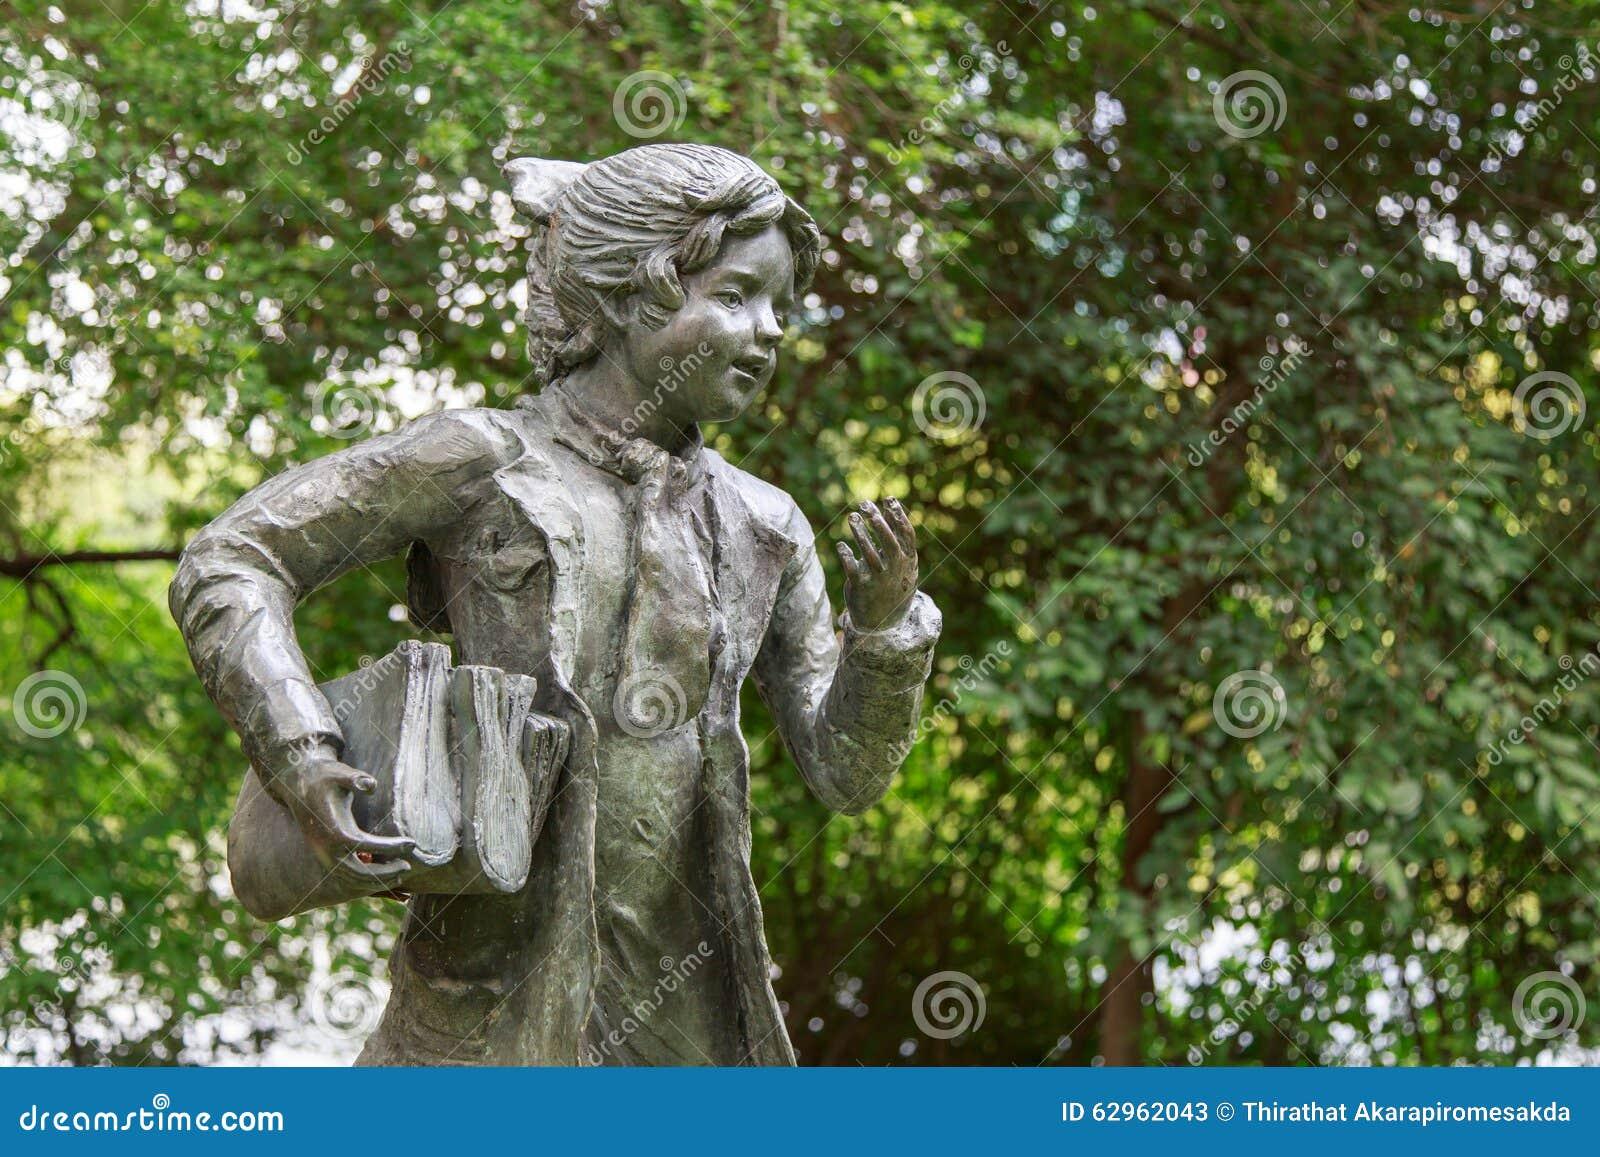 Children Statue At Garden